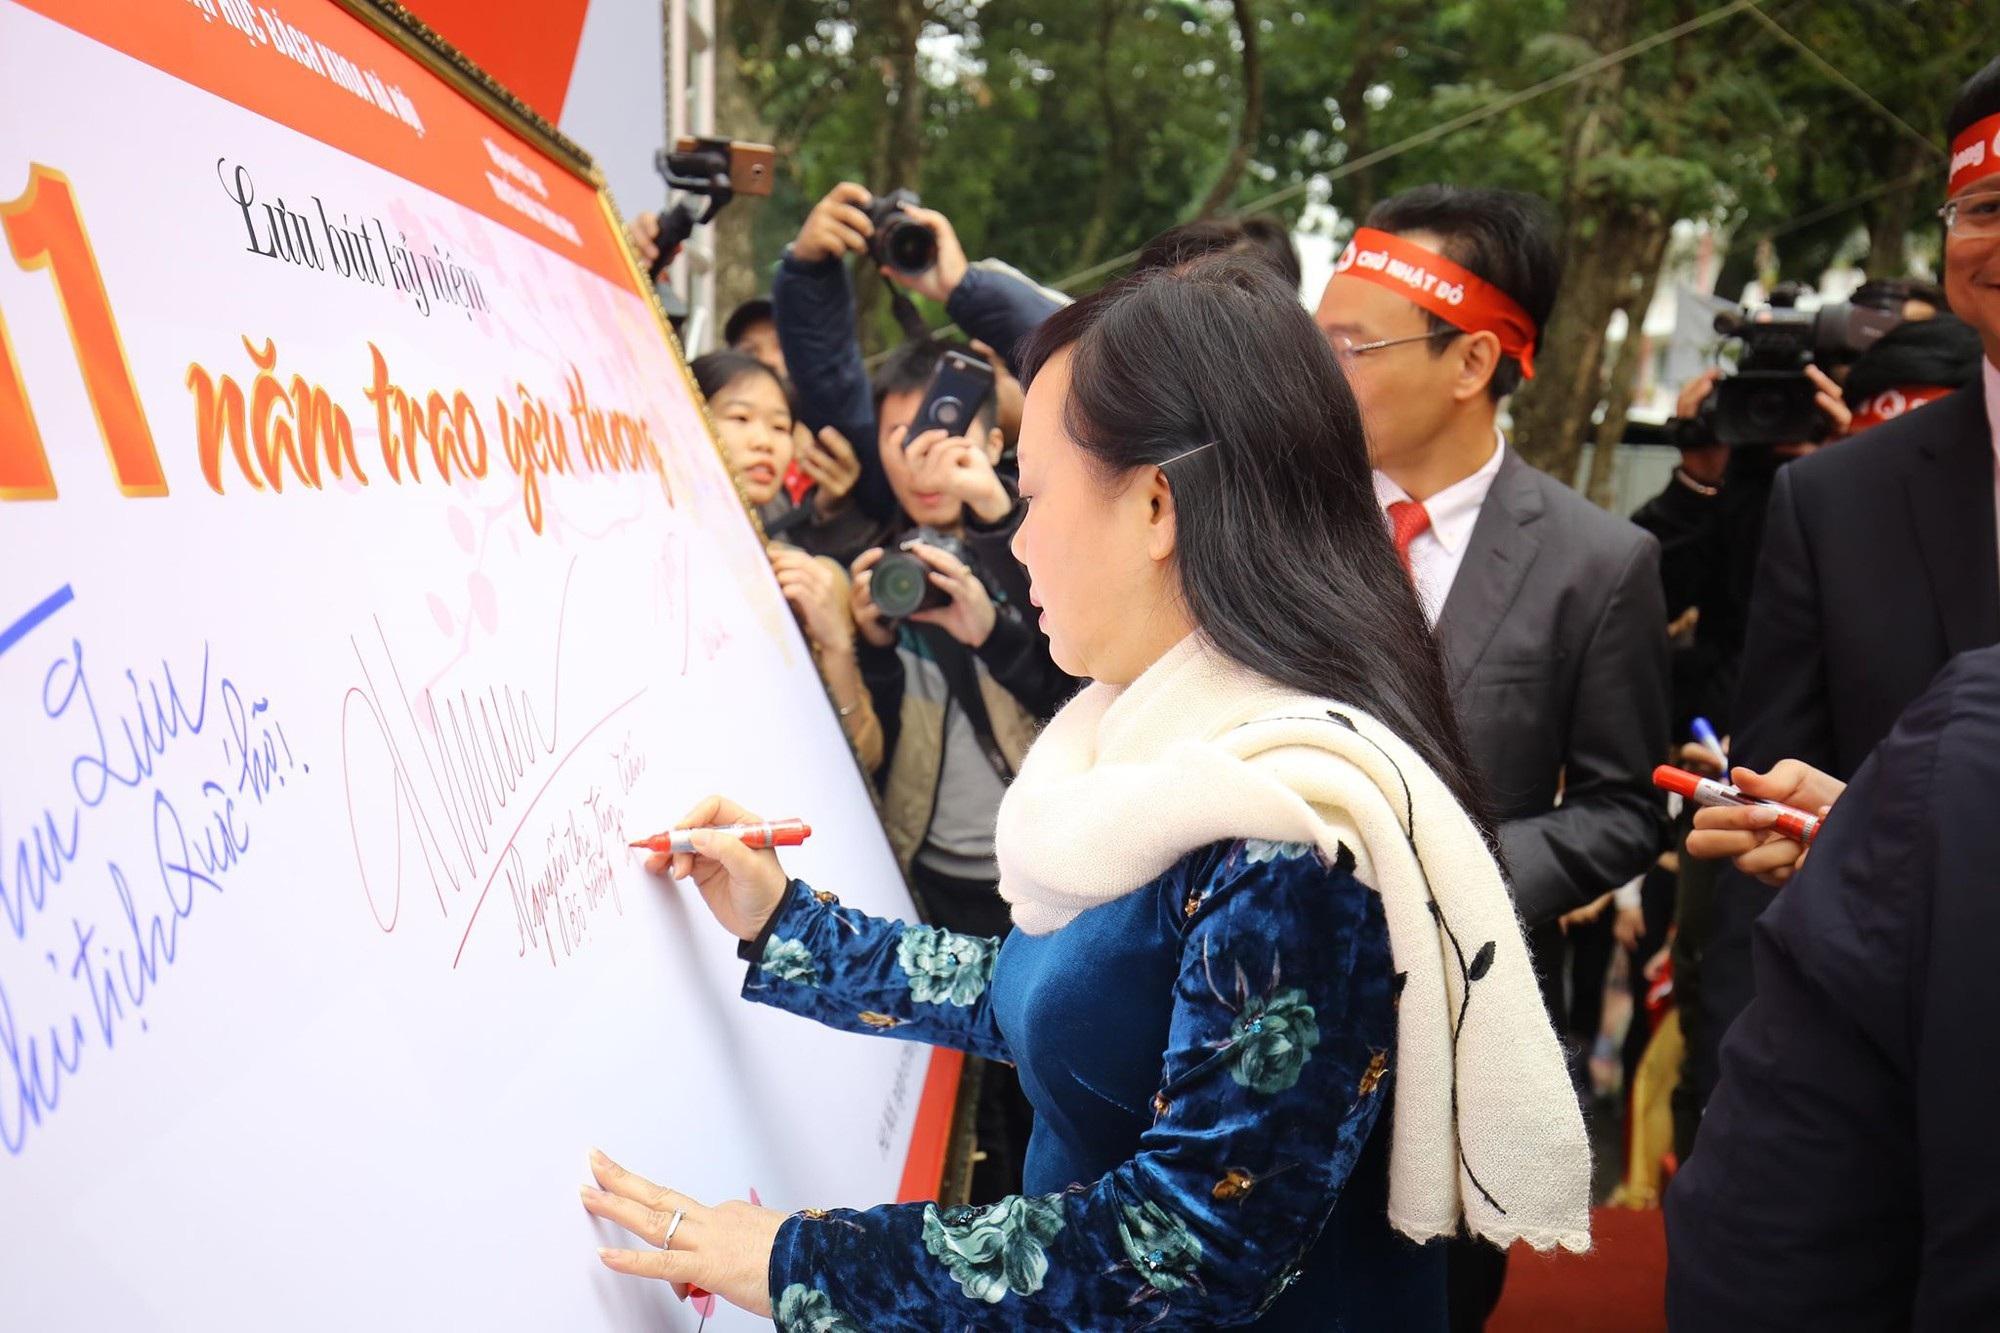 Hoa hậu Trần Tiểu Vy, cầu thủ Đình Trọng, Văn Quyết kêu gọi hiến máu tình nguyện - Ảnh 3.